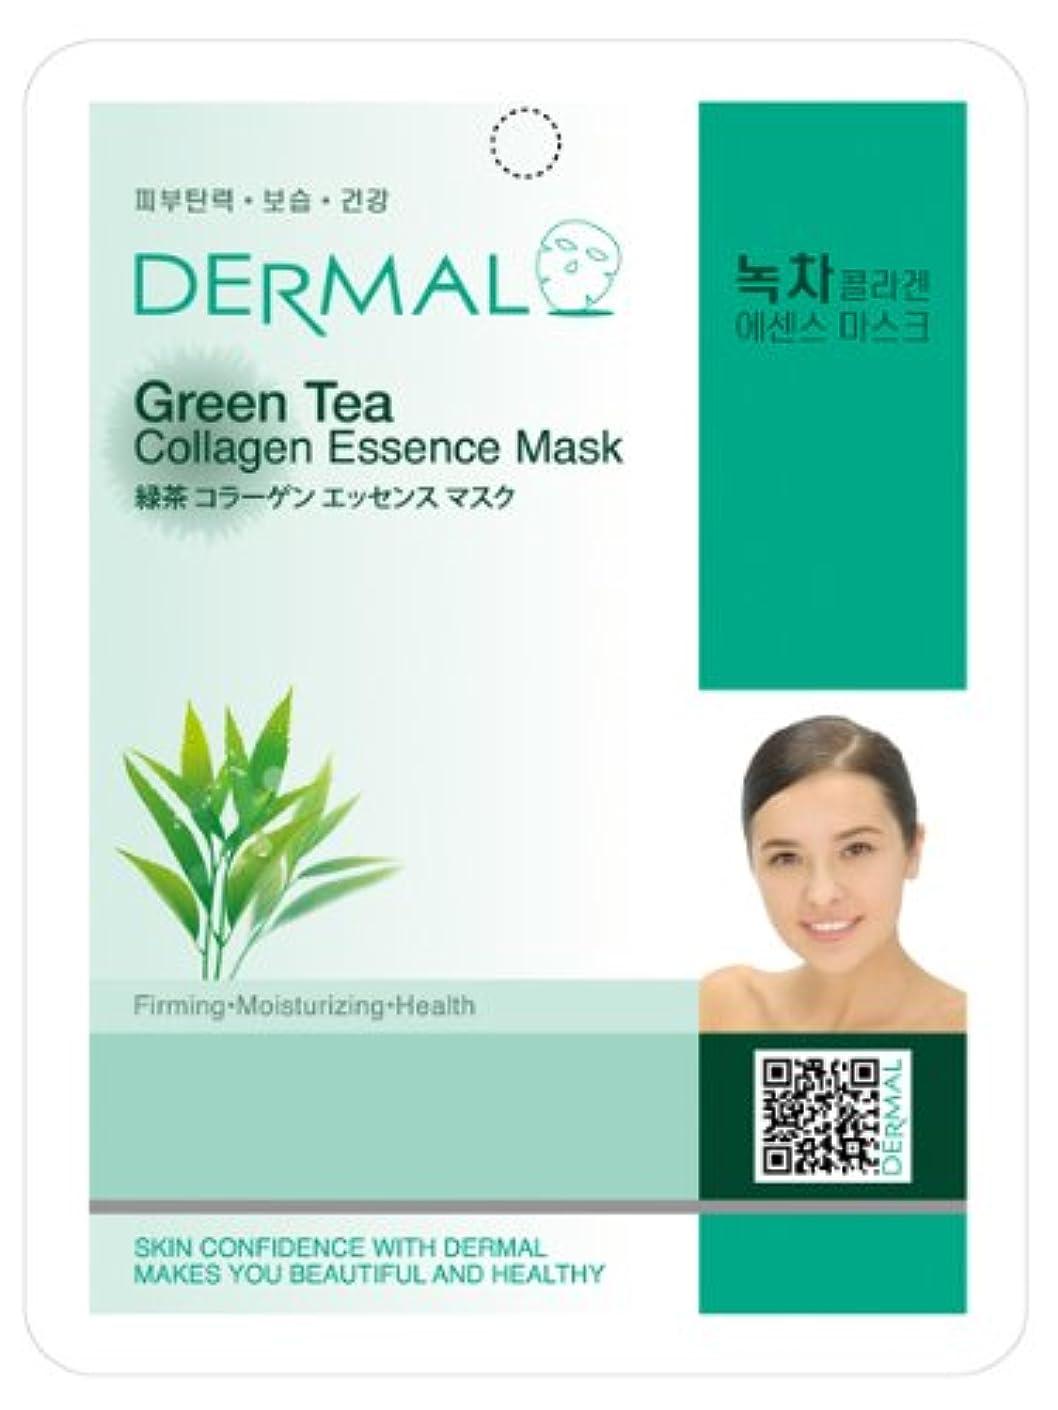 海火薬変更可能シートマスク 緑茶 10枚セット ダーマル(Dermal) フェイス パック